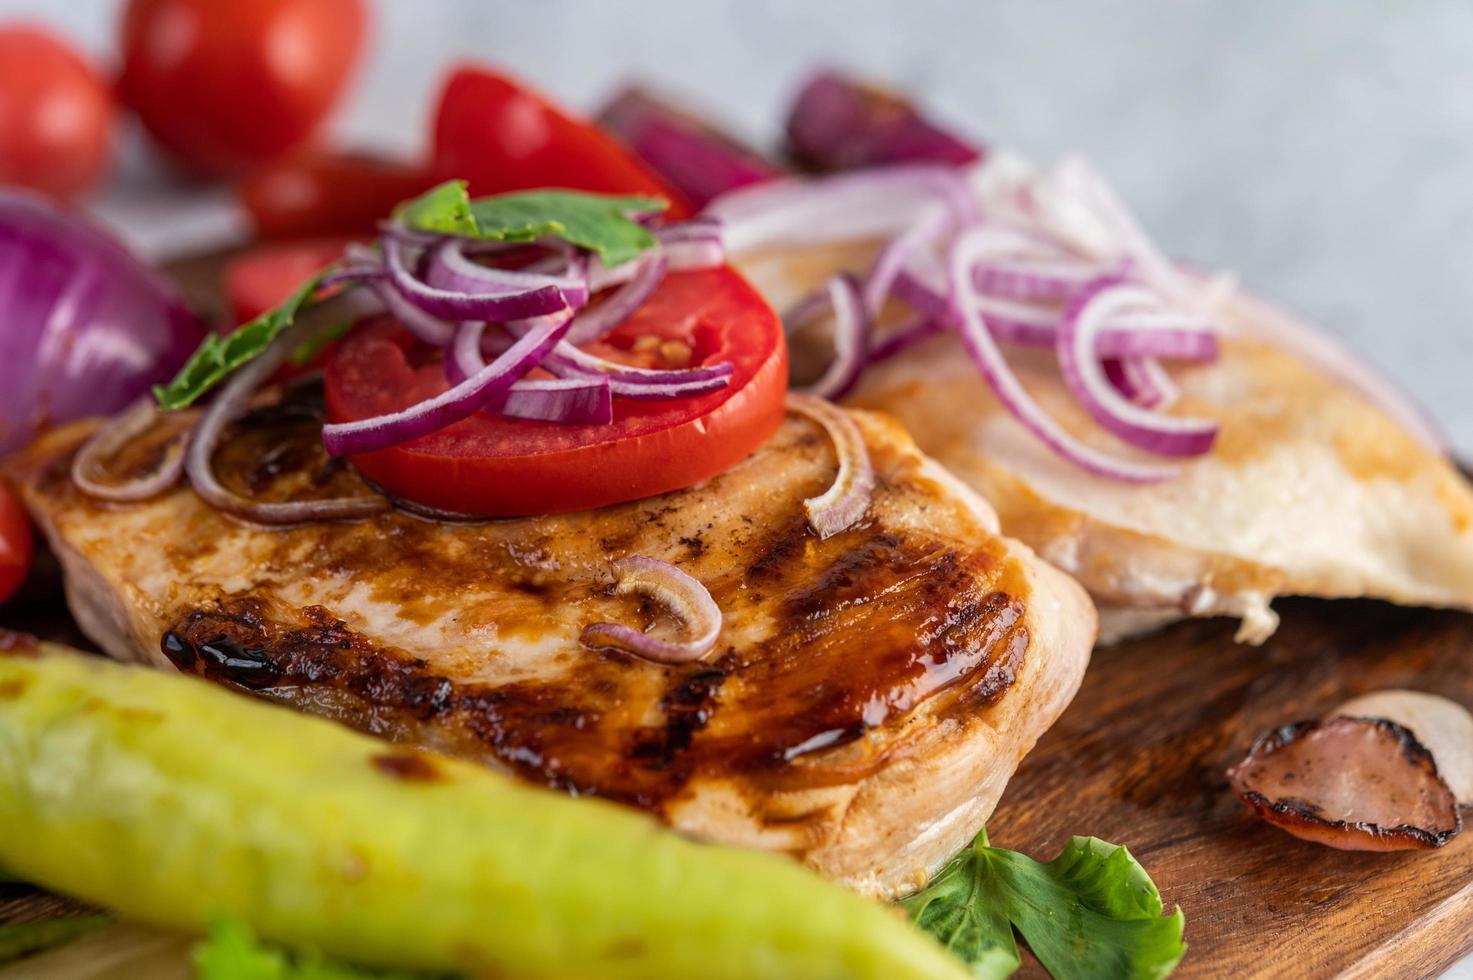 kippenbiefstuk met geroosterde groenten foto